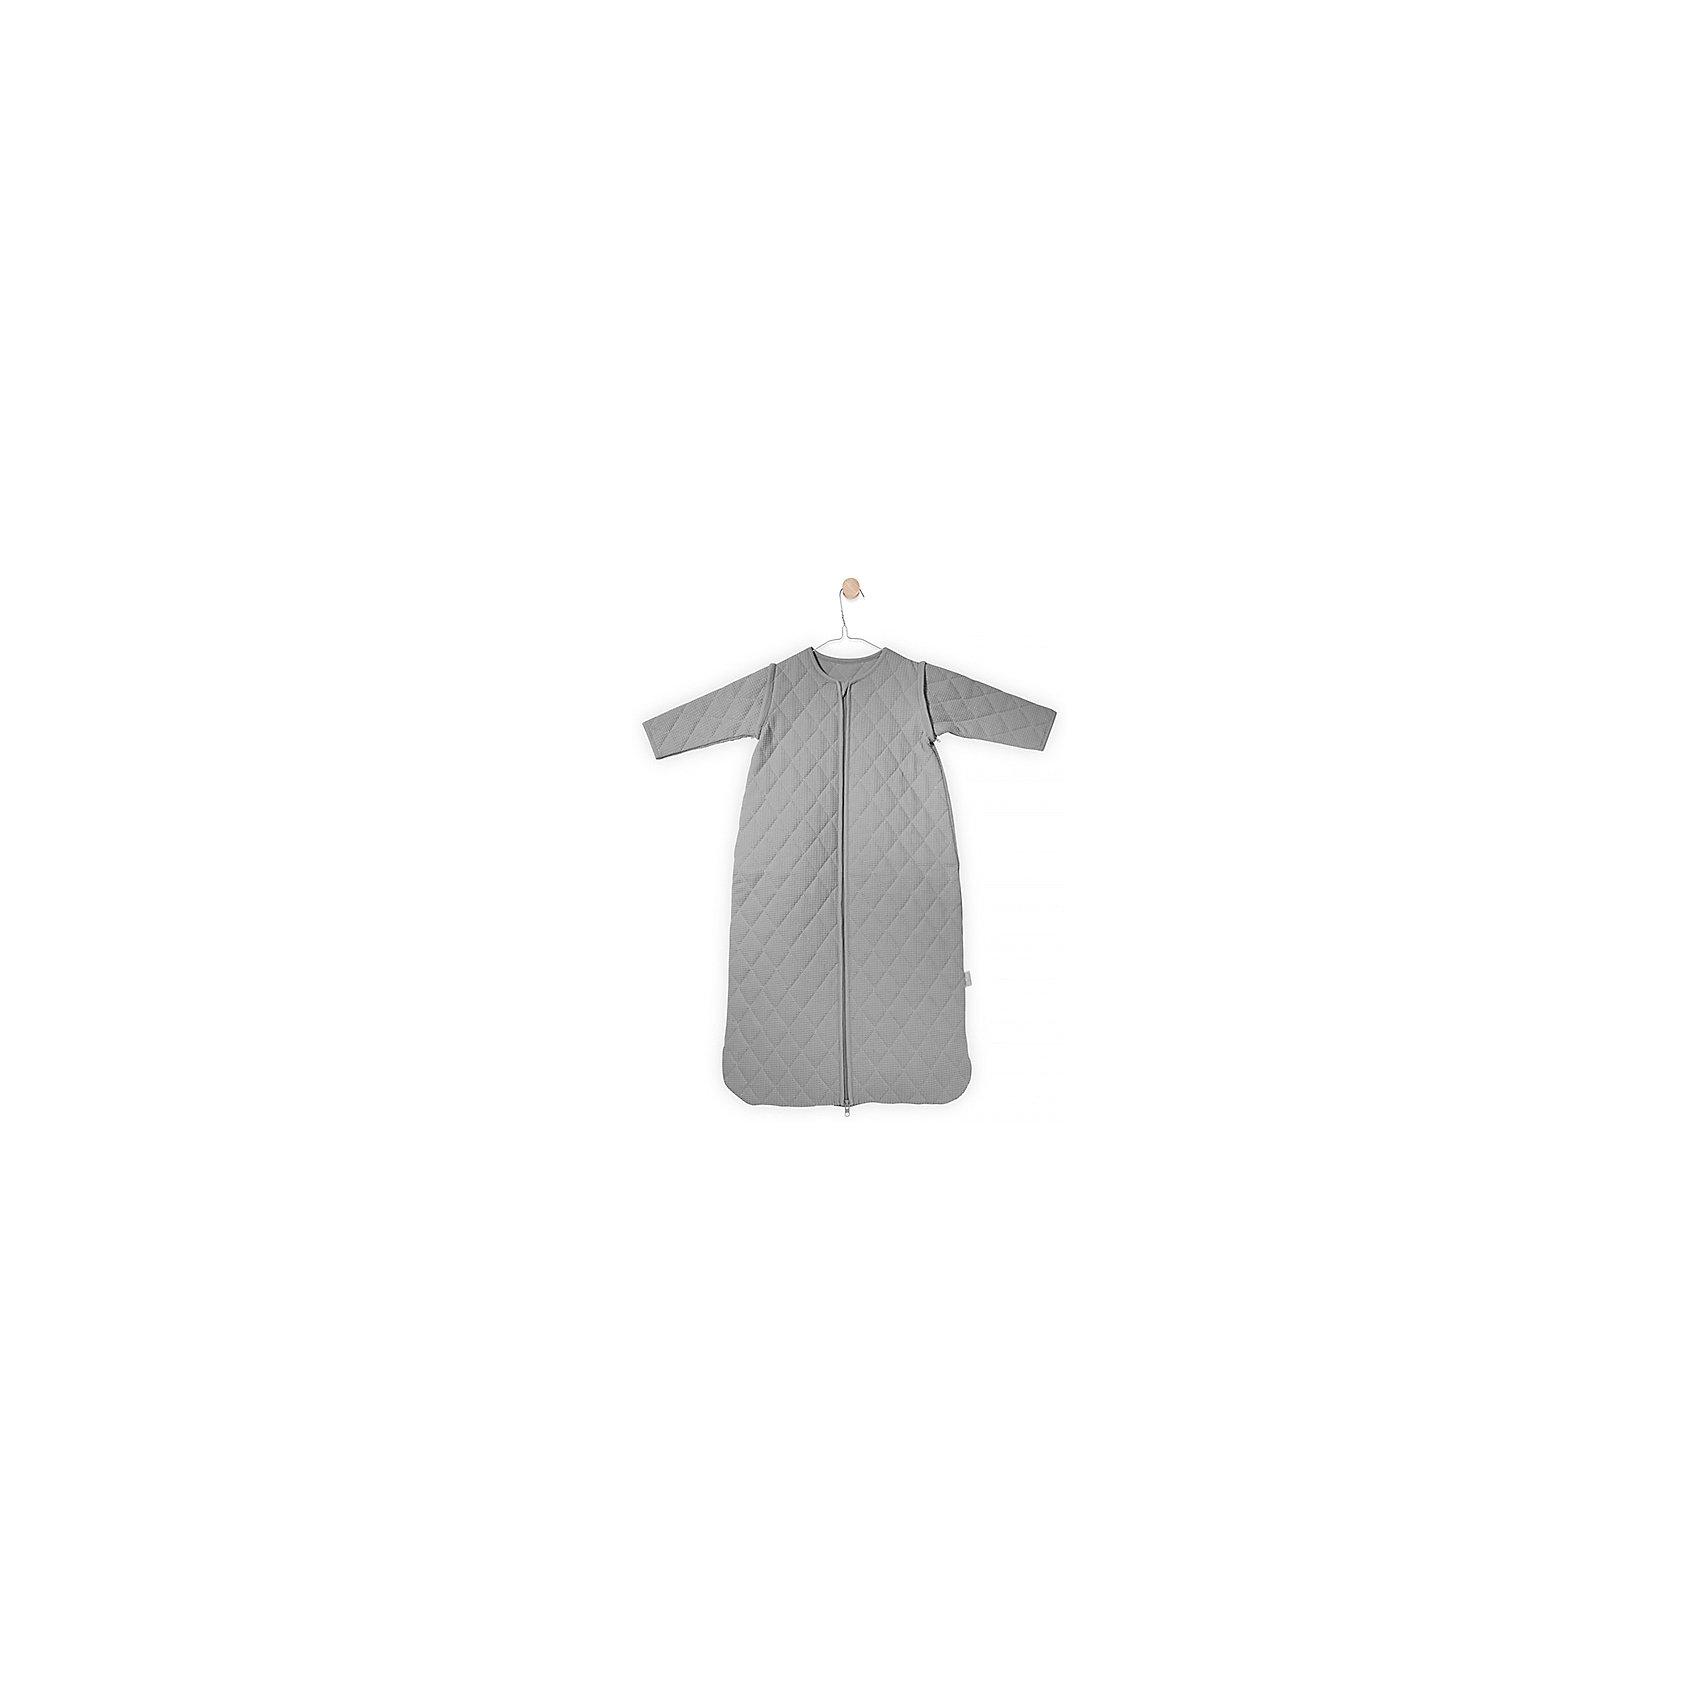 Спальный мешок со съемными рукавами 110 см, Jollein, GreyПеленание<br>Характеристики:<br><br>• Вид детского текстиля: спальный мешок<br>• Пол: универсальный<br>• Сезон: круглый год<br>• Коэффициент тепла (тог): 1,7<br>• Цвет: серый<br>• Тематика рисунка: без рисунка<br>• Форма спального мешка: футляр<br>• Съемные рукава<br>• Застежка молния спереди<br>• Материал: 100% хлопок (джерси)<br>• Размер (Ш*Д): 51*110 см<br>• Вес: 550 г<br>• Особенности ухода: машинная или ручная стирка при температуре не более 40 градусов<br><br>Спальный мешок со съемными рукавами 110 см, Jollein, Grey от торговой марки Жолляйн, которая является признанным лидером среди аналогичных брендов, выпускающих детское постельное белье и текстиль для новорожденных. Продукция этого торгового бренда отличается высоким качеством и дизайнерским стилем. Спальный мешок со съемными рукавами 110 см, Jollein, Grey выполнен из натурального хлопка джерси, который хорошо пропускает воздух, при этом является гипоаллергенным материалом. <br><br>Мешок в форме футляра со съемными рукавами и застежкой-молнией спереди обеспечивает комфорт не только для сна ребенка, но и является очень удобным при переодевании малыша. Изделие имеет средний коэффициент утепленности, в летнее время его можно использовать без нательного белья. Изделие выполнено в дизайнерском стиле марки Жолляйн – сдержанный минимализм: стеганое однотонное полотно стильного серого цвета.<br><br>Спальный мешок со съемными рукавами 110 см, Jollein, Grey можно купить в нашем интернет-магазине.<br><br>Ширина мм: 220<br>Глубина мм: 300<br>Высота мм: 50<br>Вес г: 710<br>Возраст от месяцев: 0<br>Возраст до месяцев: 36<br>Пол: Унисекс<br>Возраст: Детский<br>SKU: 5367099